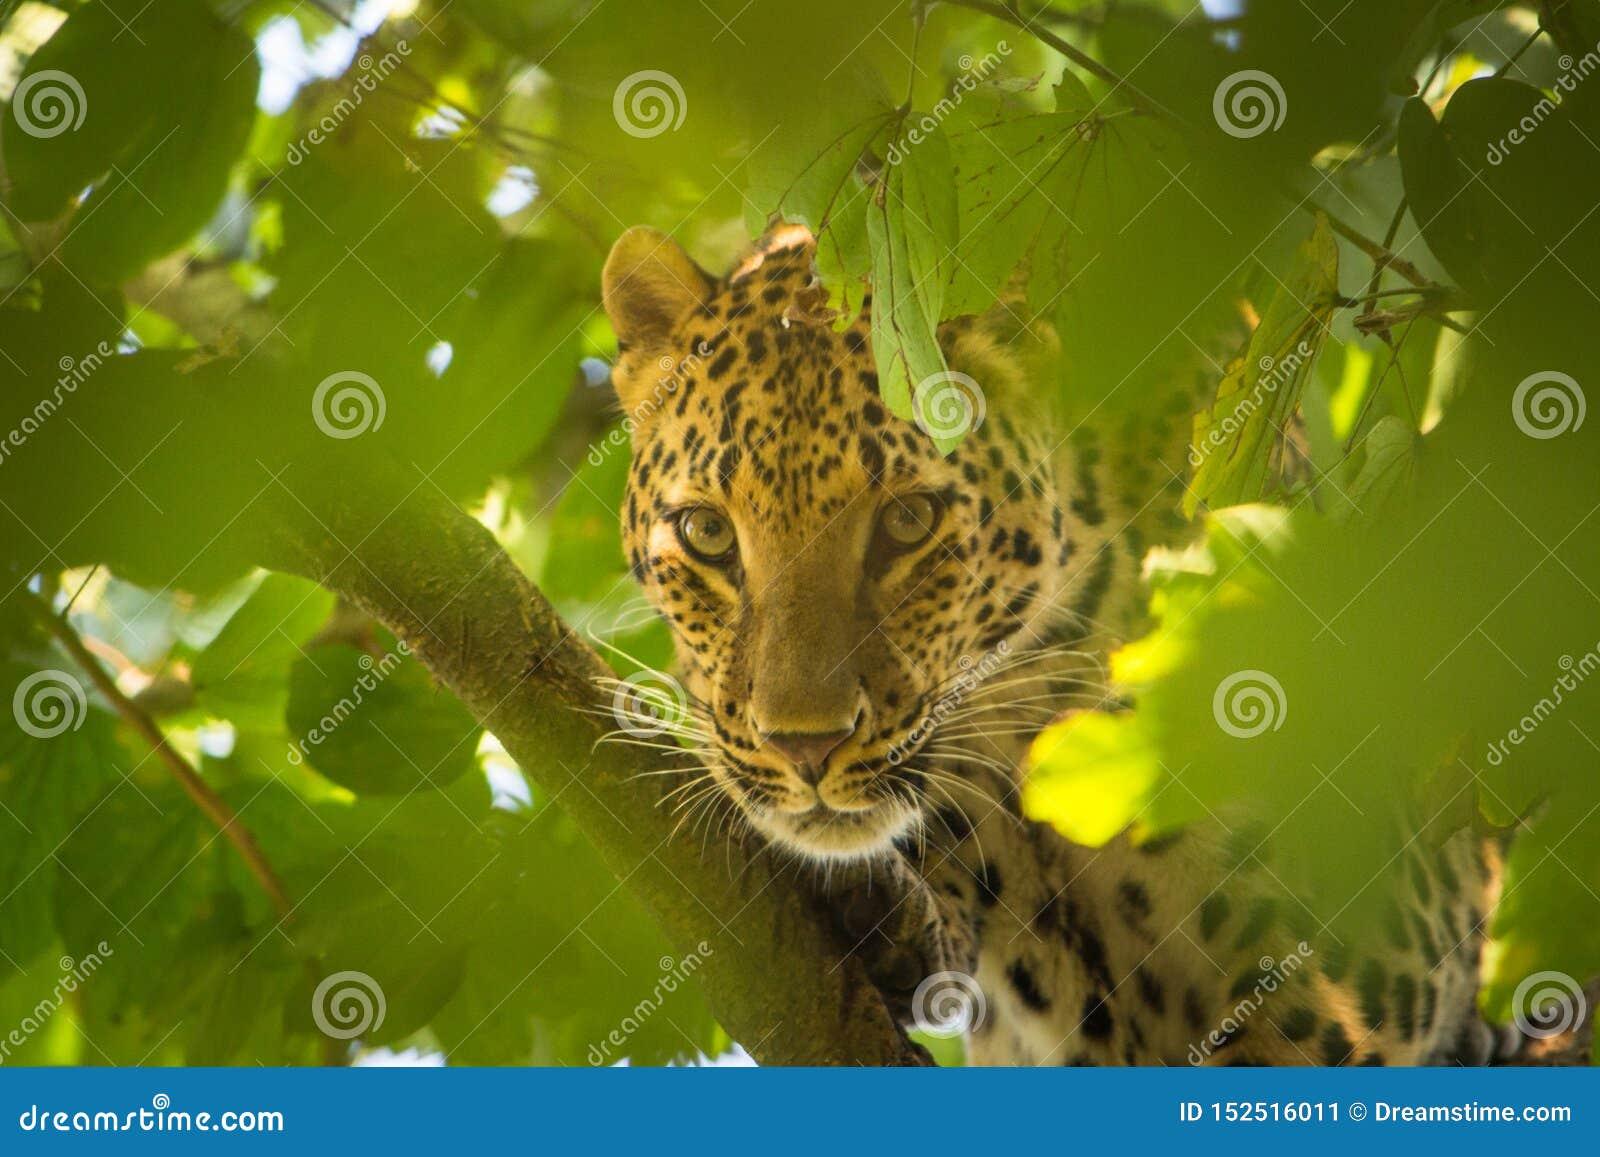 De luipaard die door bladeren piepen en heeft Mooie en scherpe ogen